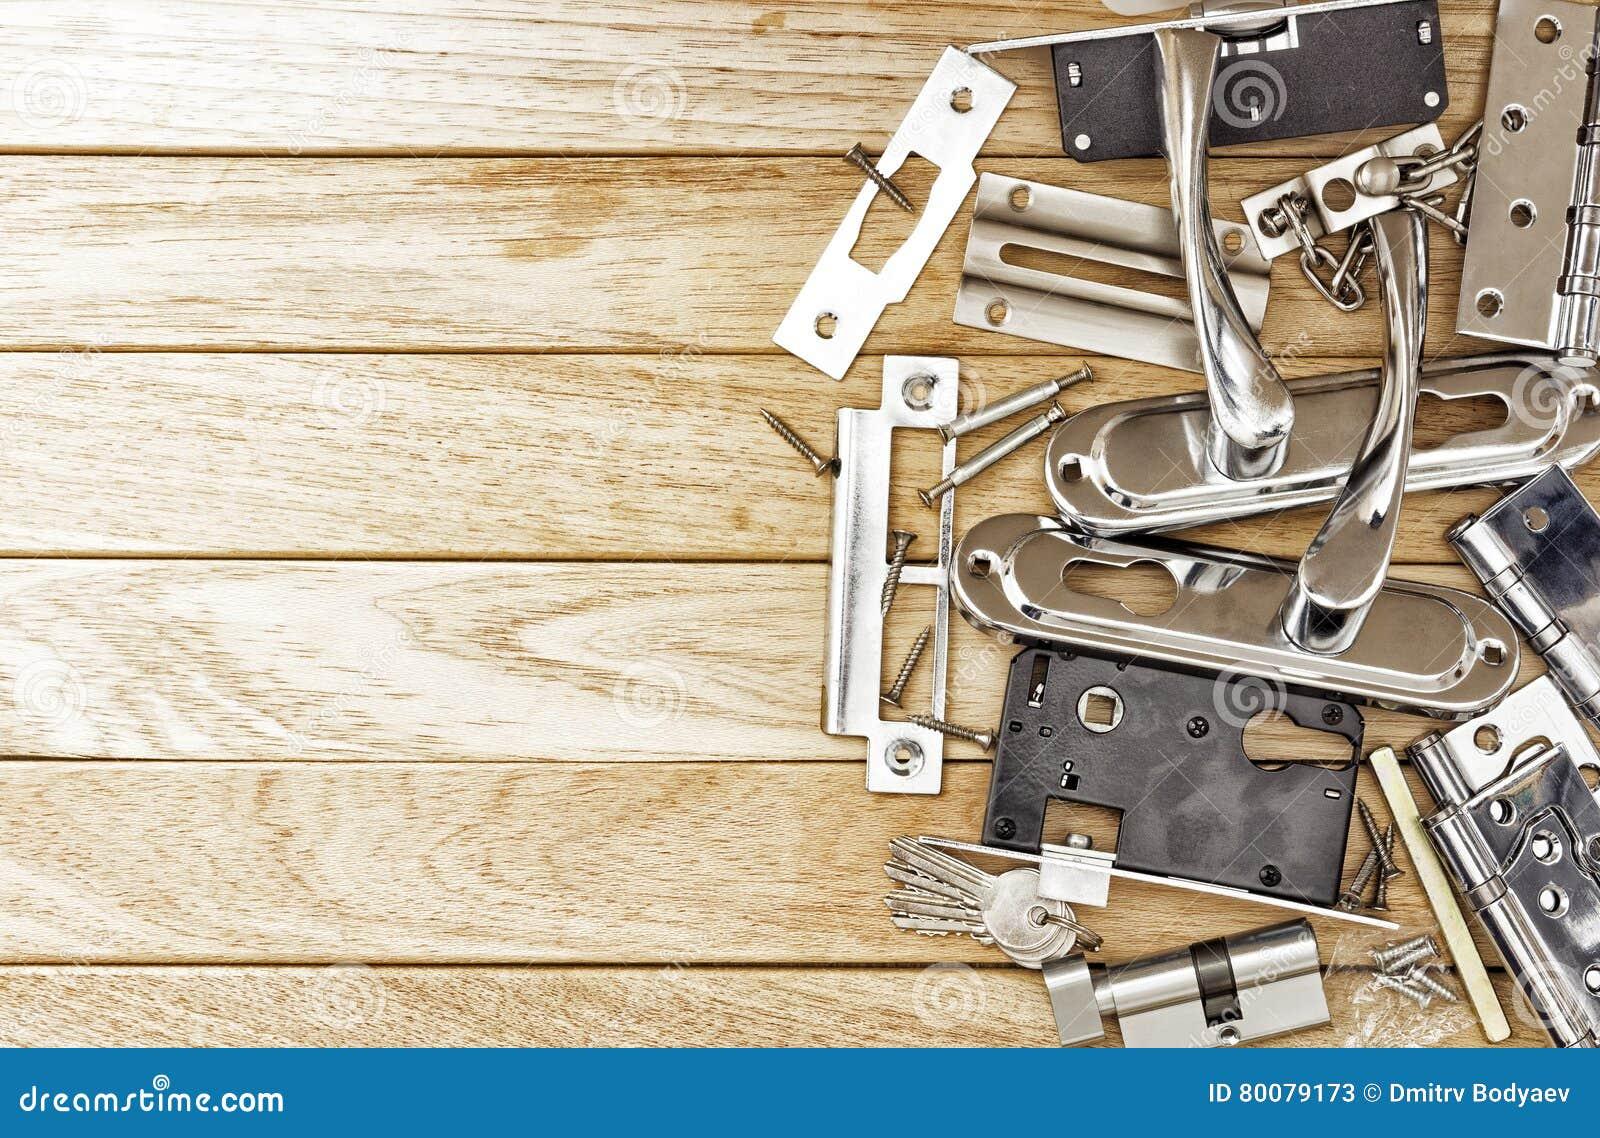 Entalhar um encaixe no fechamento antes de instalar a porta e as ferramentas